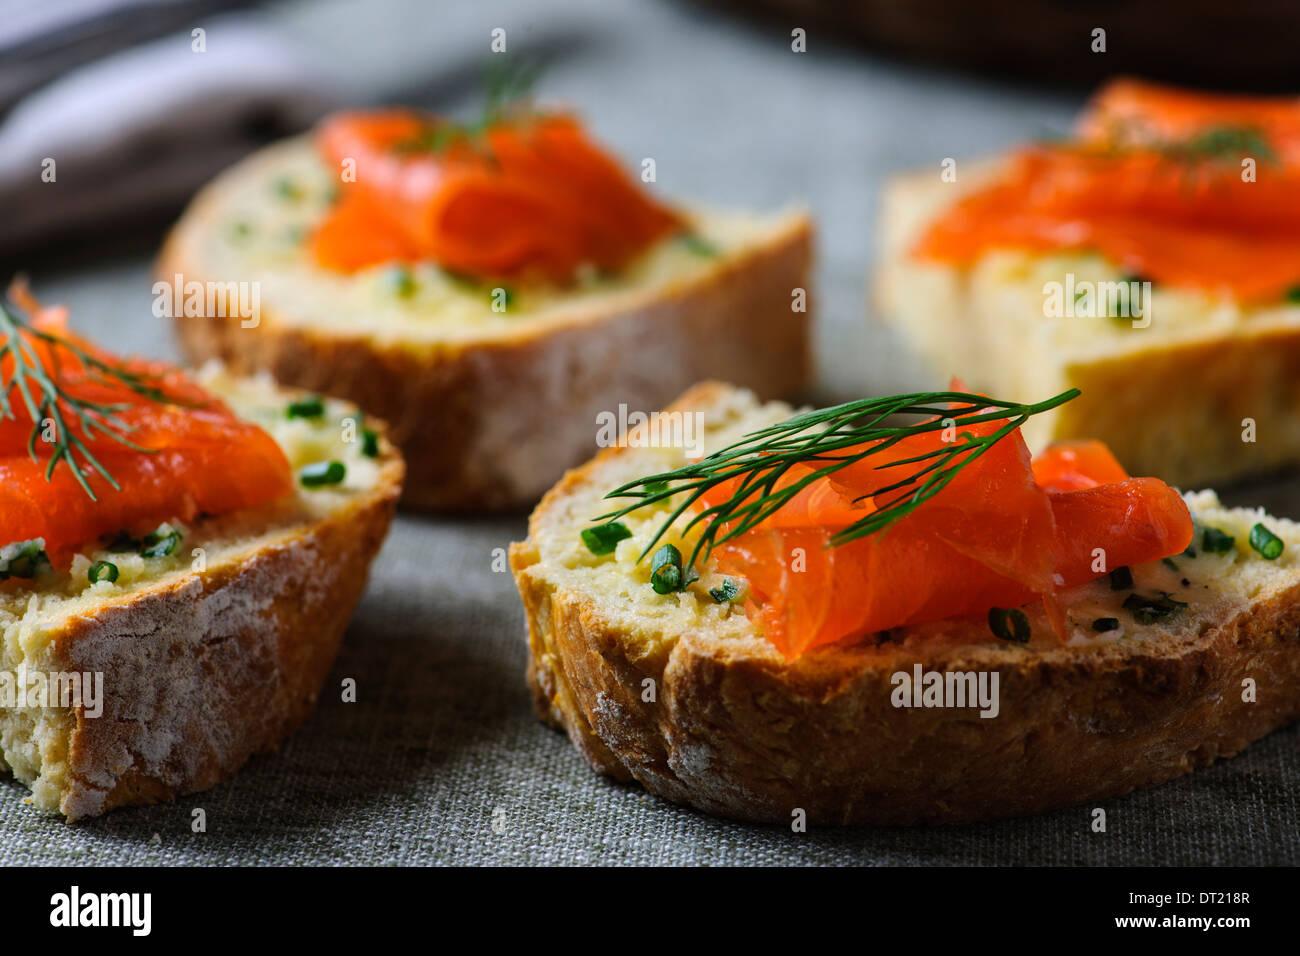 Irish Soda pane con salmone affumicato e erba cipollina burro Immagini Stock